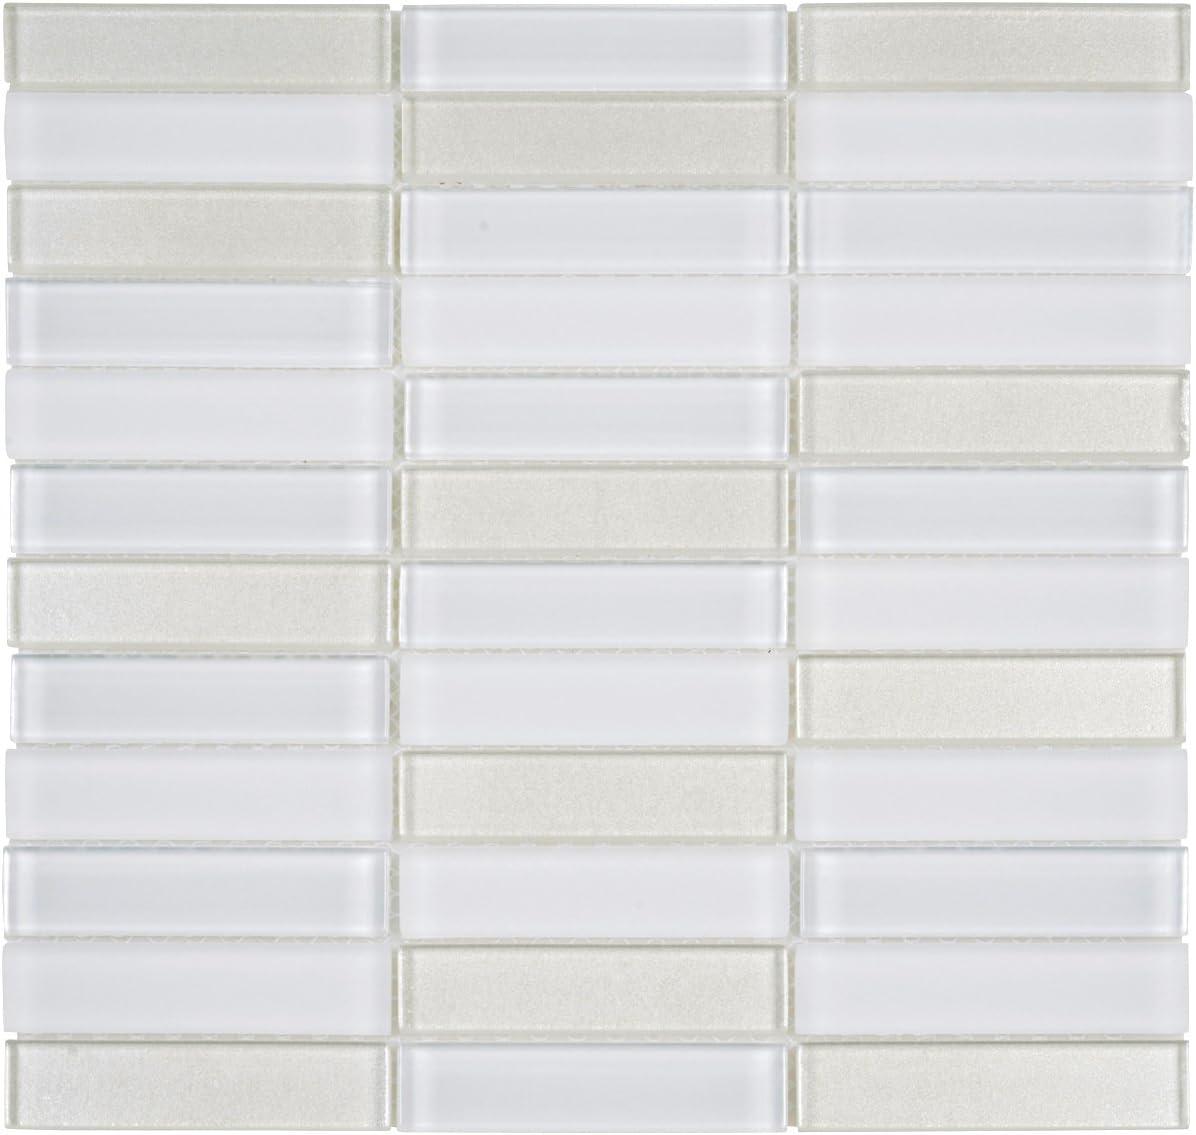 Modket TDH114MO-S Sample Sand Beige Brown Cream Crystal Glass Mosaic Tile Matte Blend Stacked Pattern Backsplash